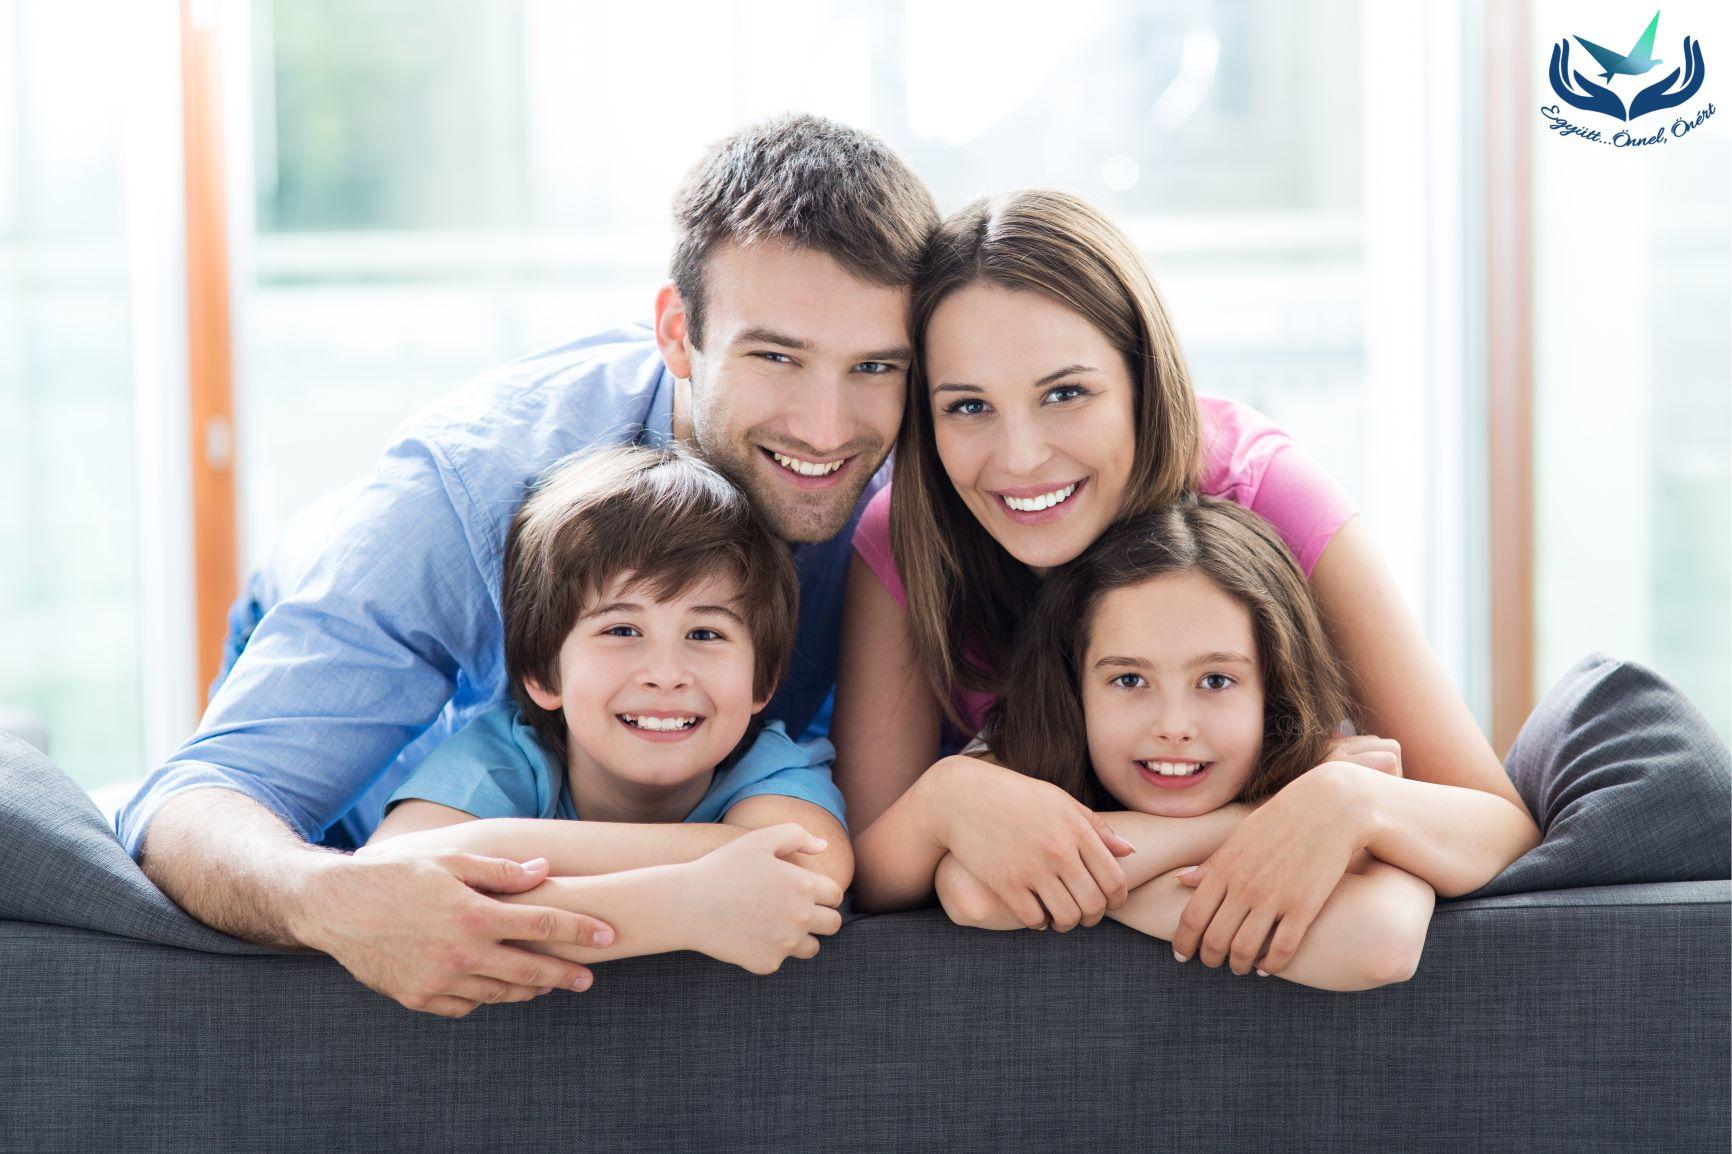 Hogyan függ össze házasságunk és családi kapcsolataink minősége a testi-lelki egészségünkkel?